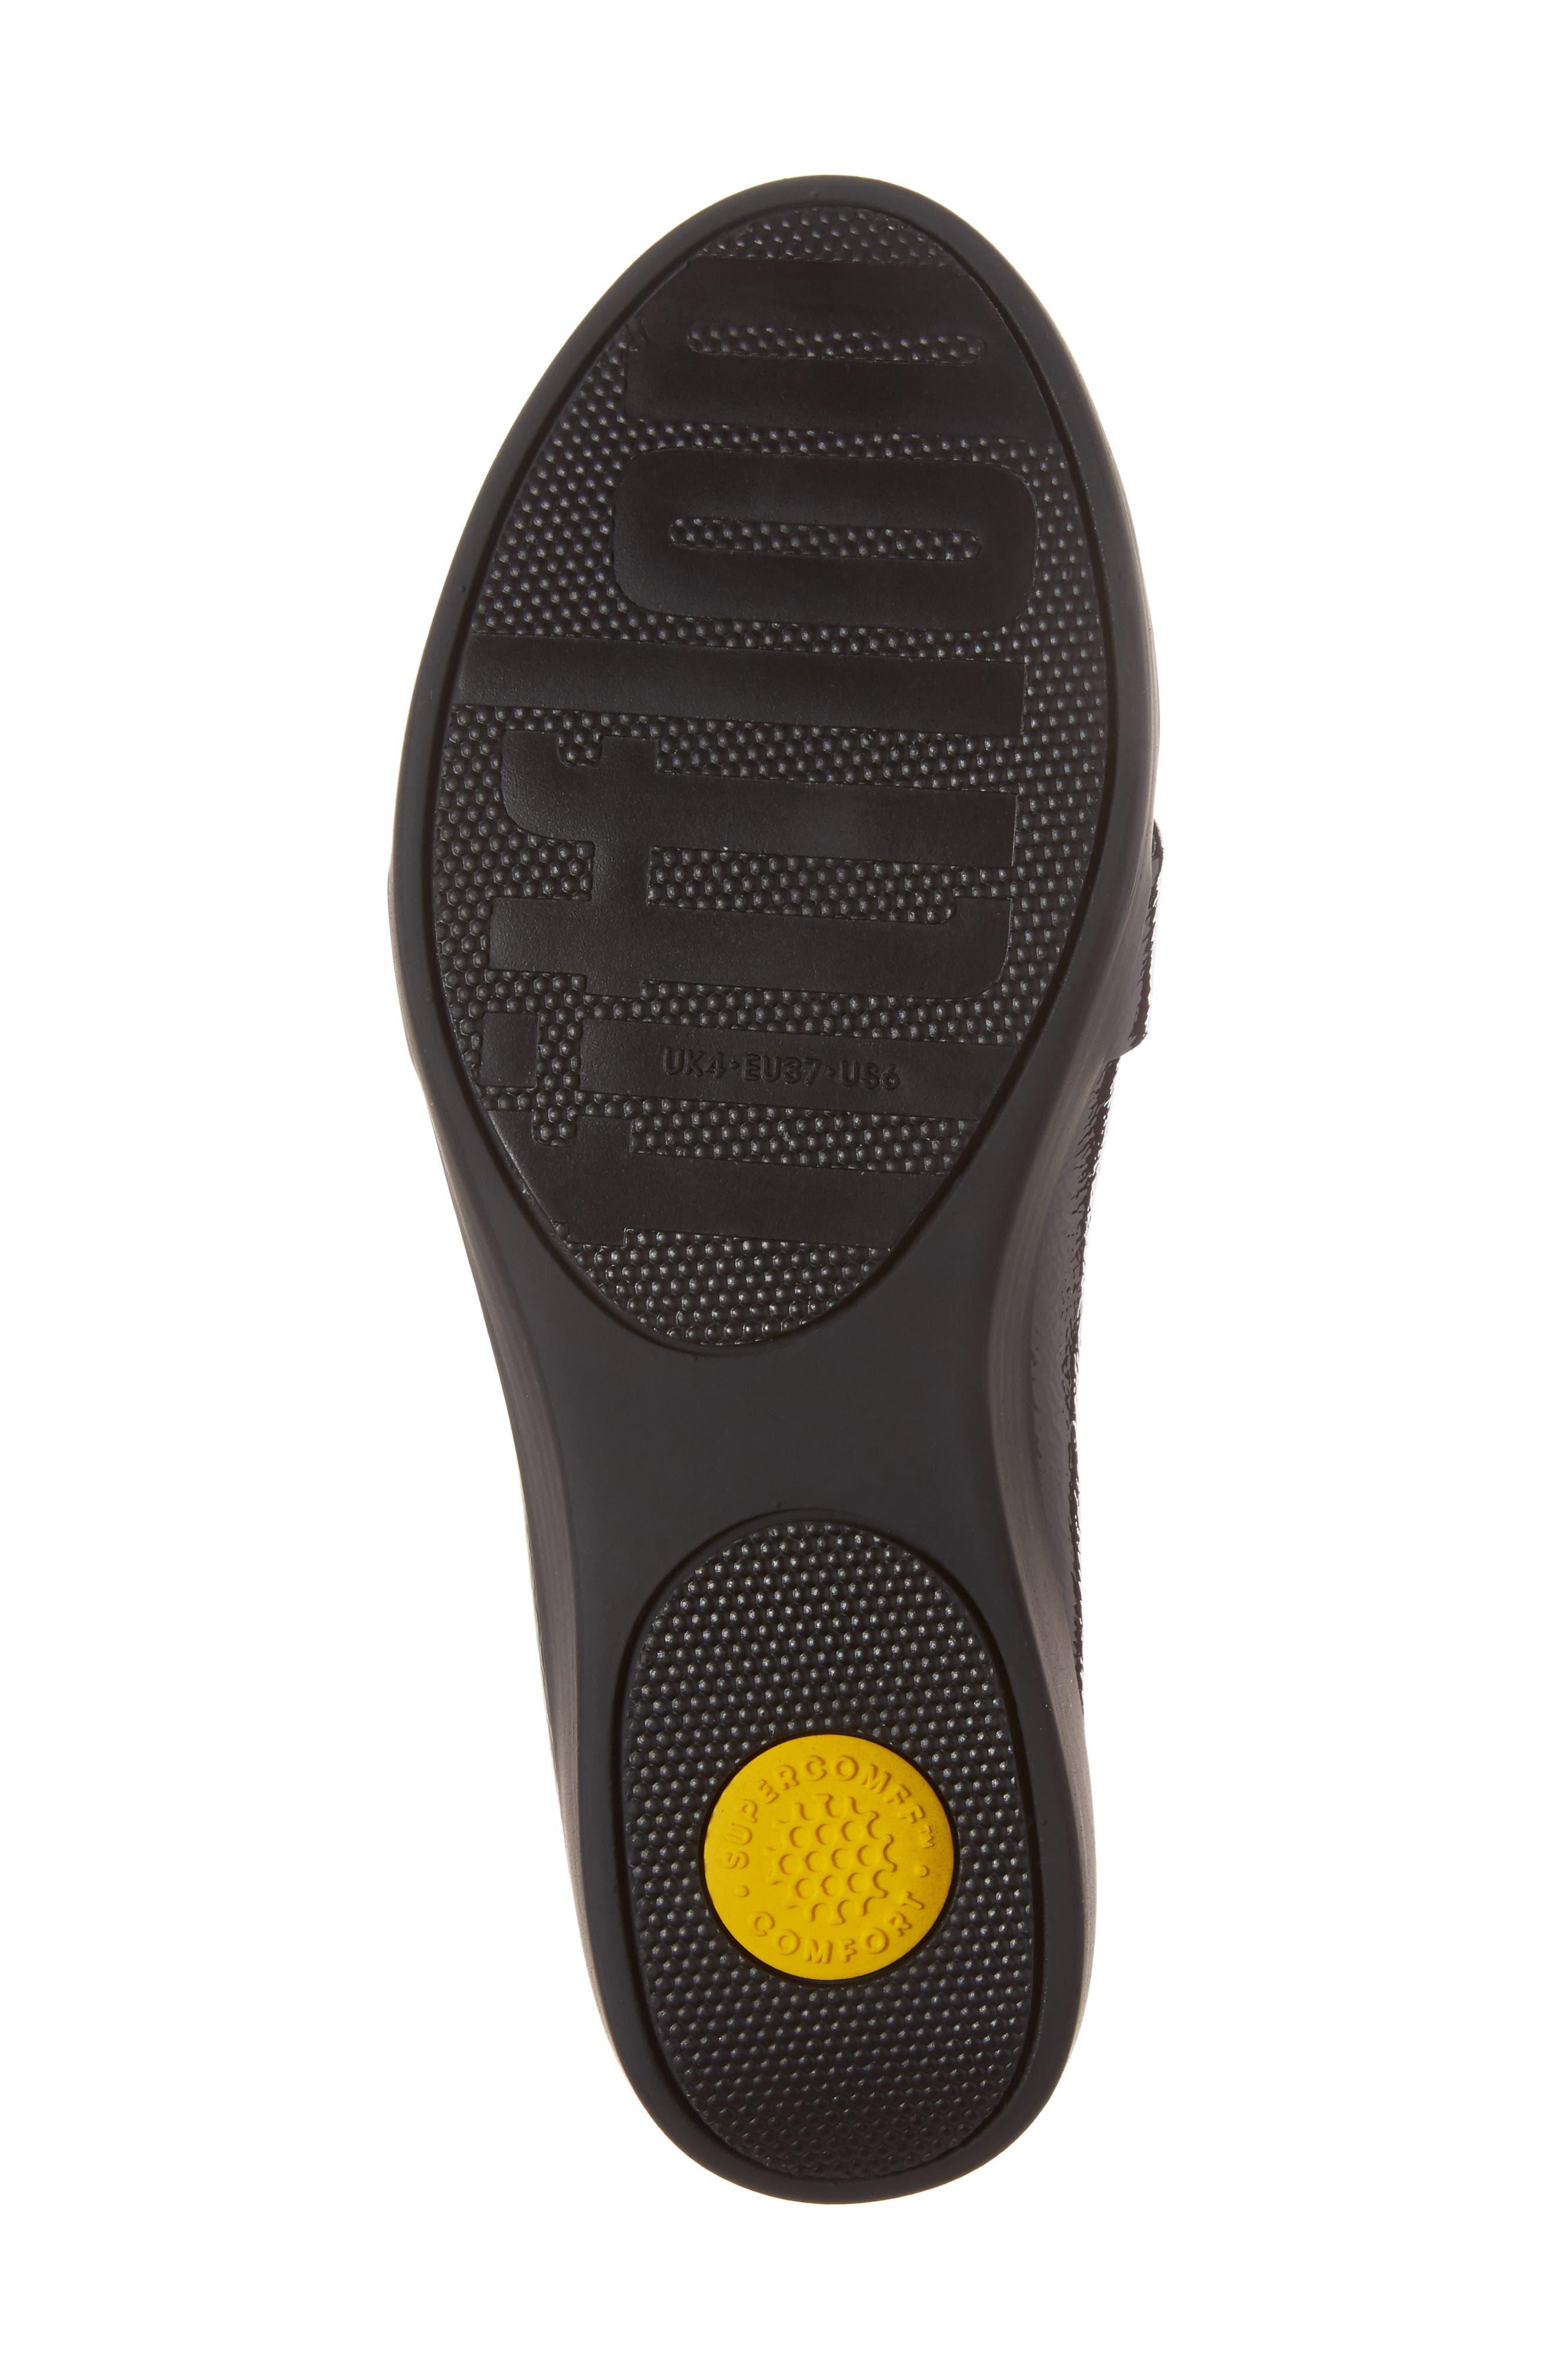 Fringey Sneakerloafer Slip-On,                             Alternate thumbnail 6, color,                             Deep Plum Leather